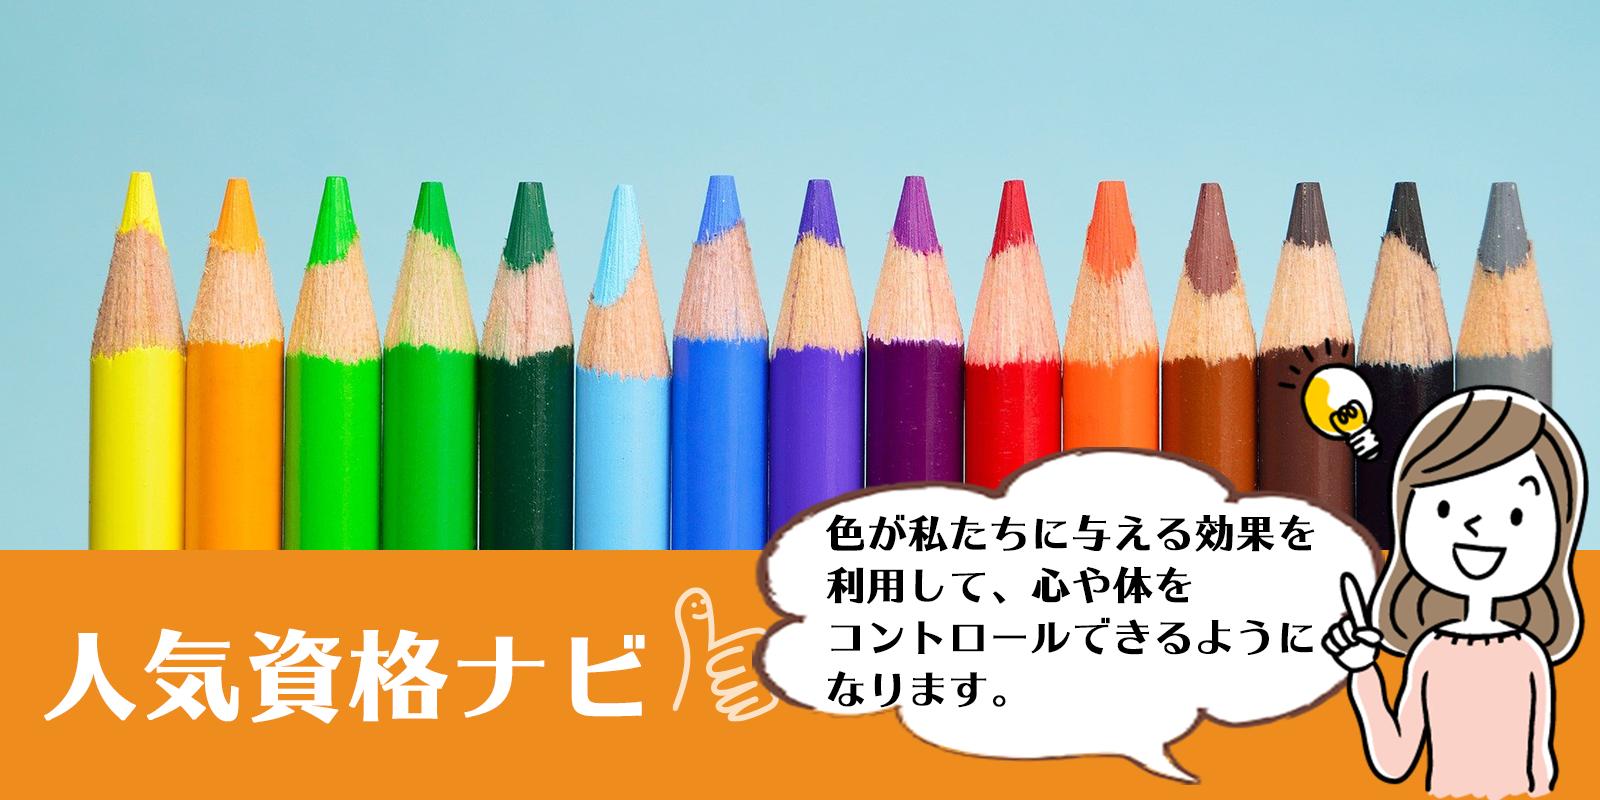 色彩インストラクター資格のアイキャッチ画像